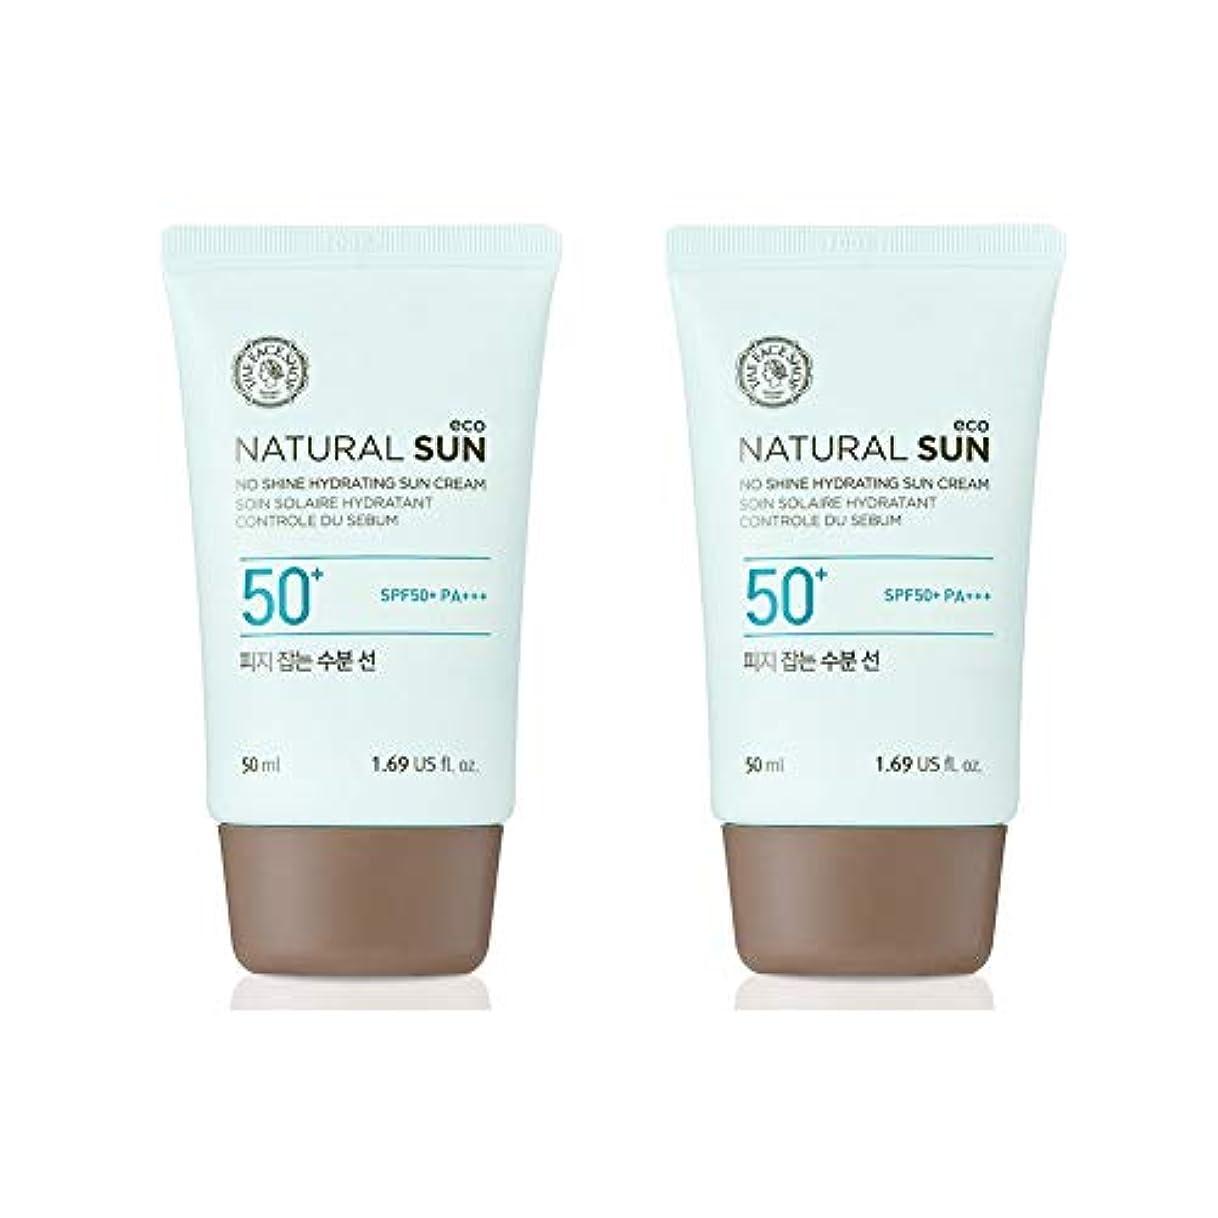 ポンプ乳製品政治家ザ?フェイスショップネチュロルソンエコフィジーサン?クリームSPF50+PA+++50ml x 2本セット韓国コスメ、The Face Shop Natural Sun Eco No Shine Hydrating Sun...